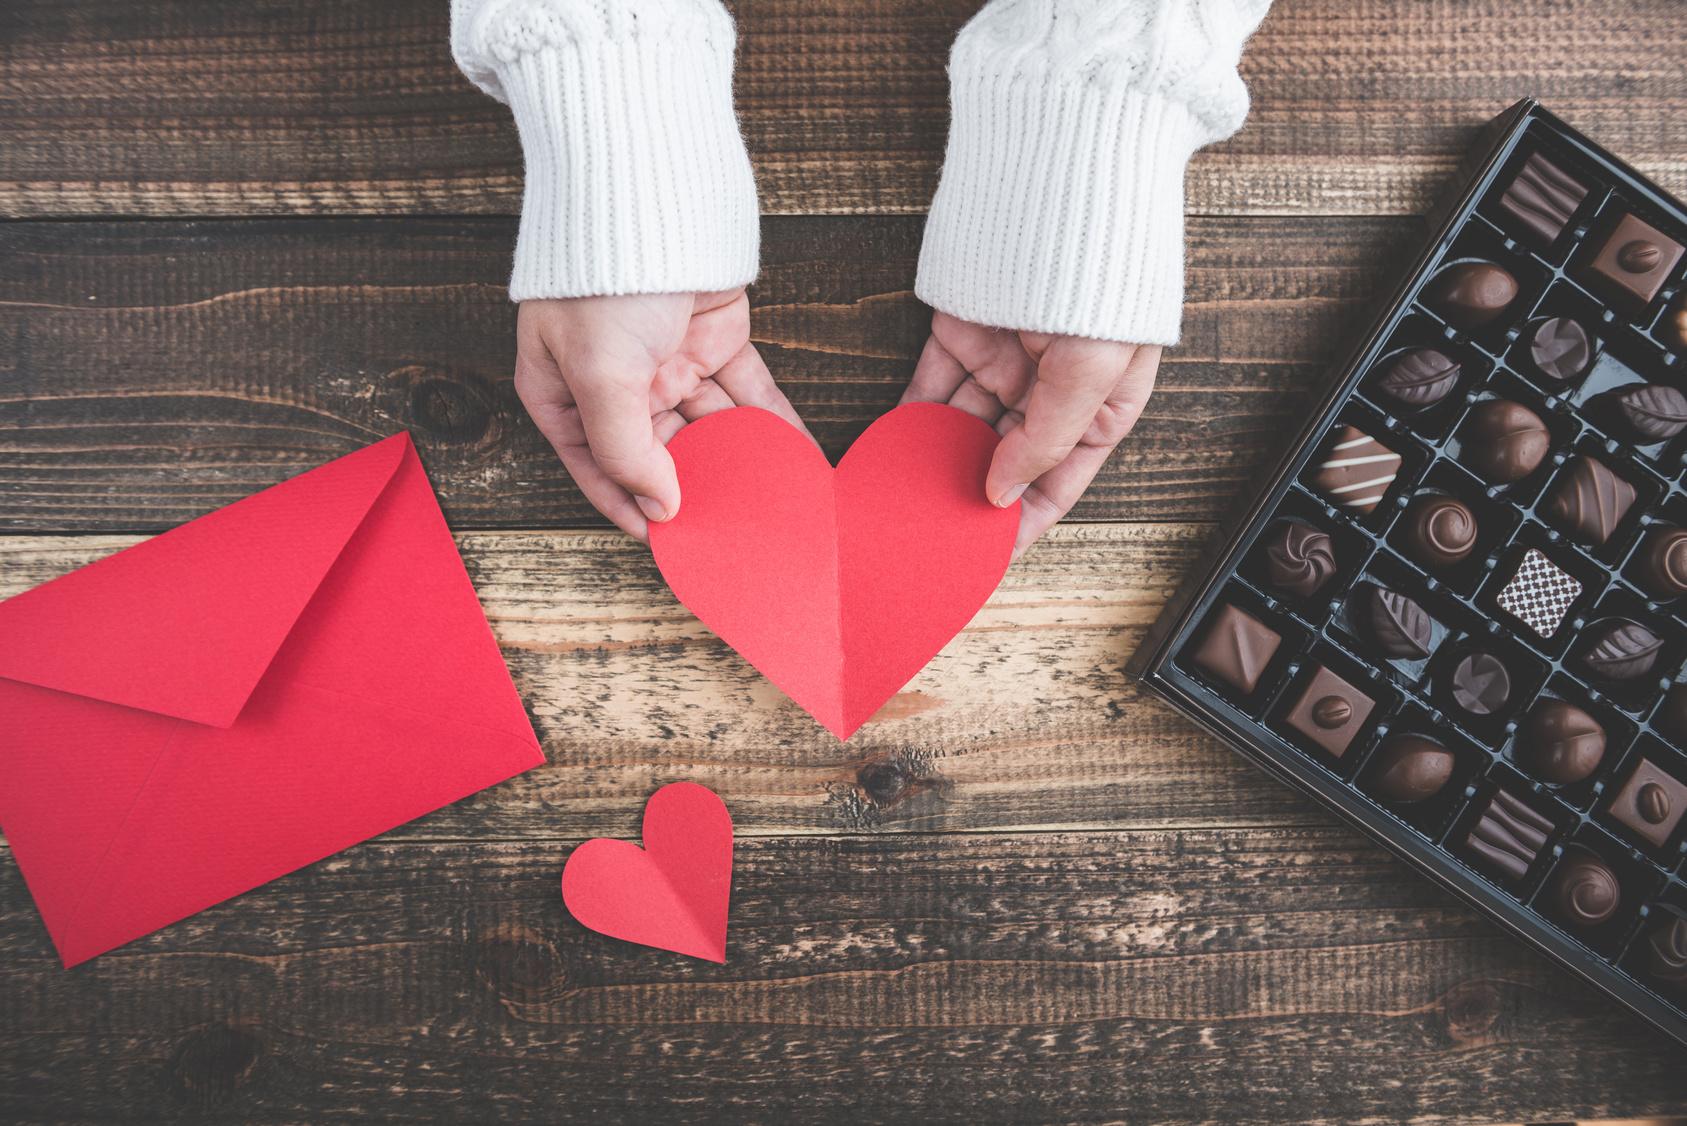 バレンタイン「なくなってもいい」夫婦は何割?マンネリ問題を考える